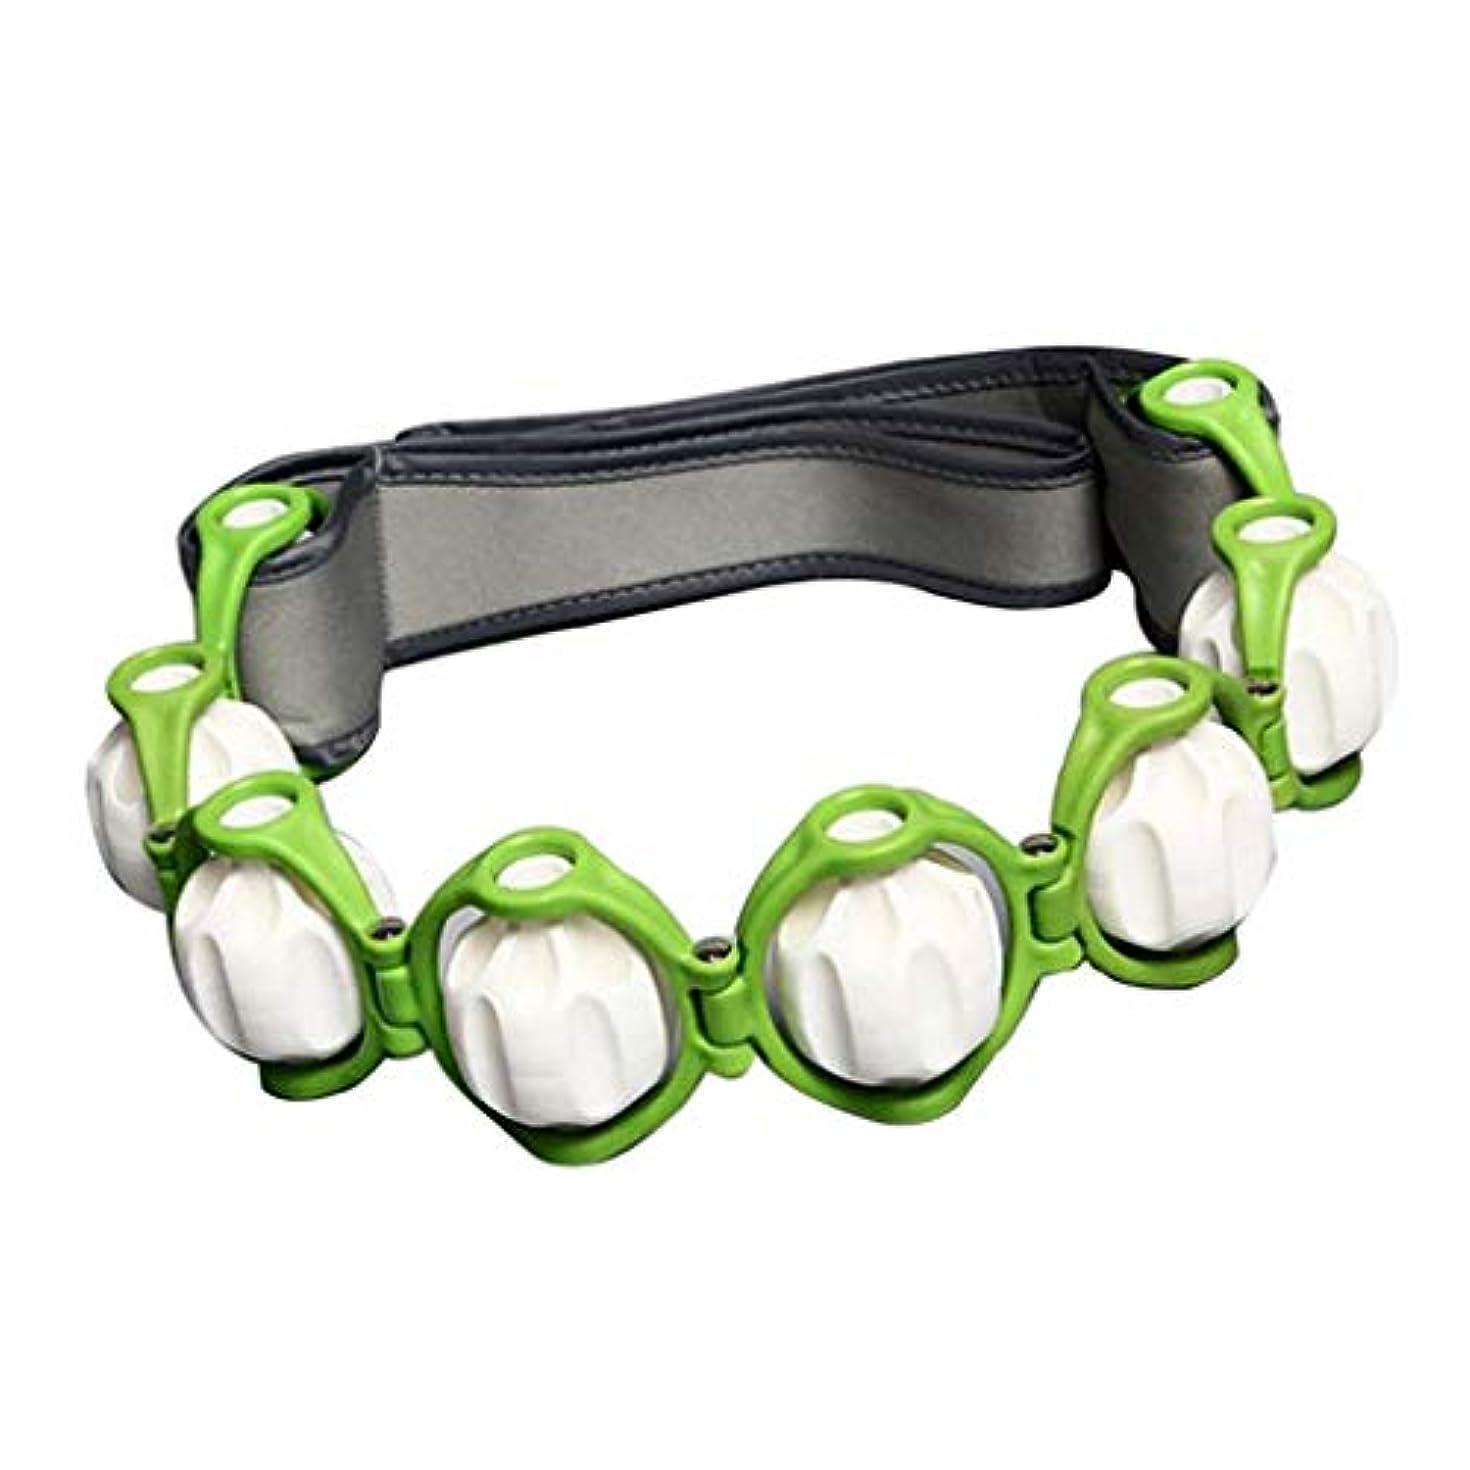 境界薄いです仕立て屋トリガーポイントノードローリングボール付きハンドヘルドフルボディマッサージローラーロープ - 緑, 説明したように